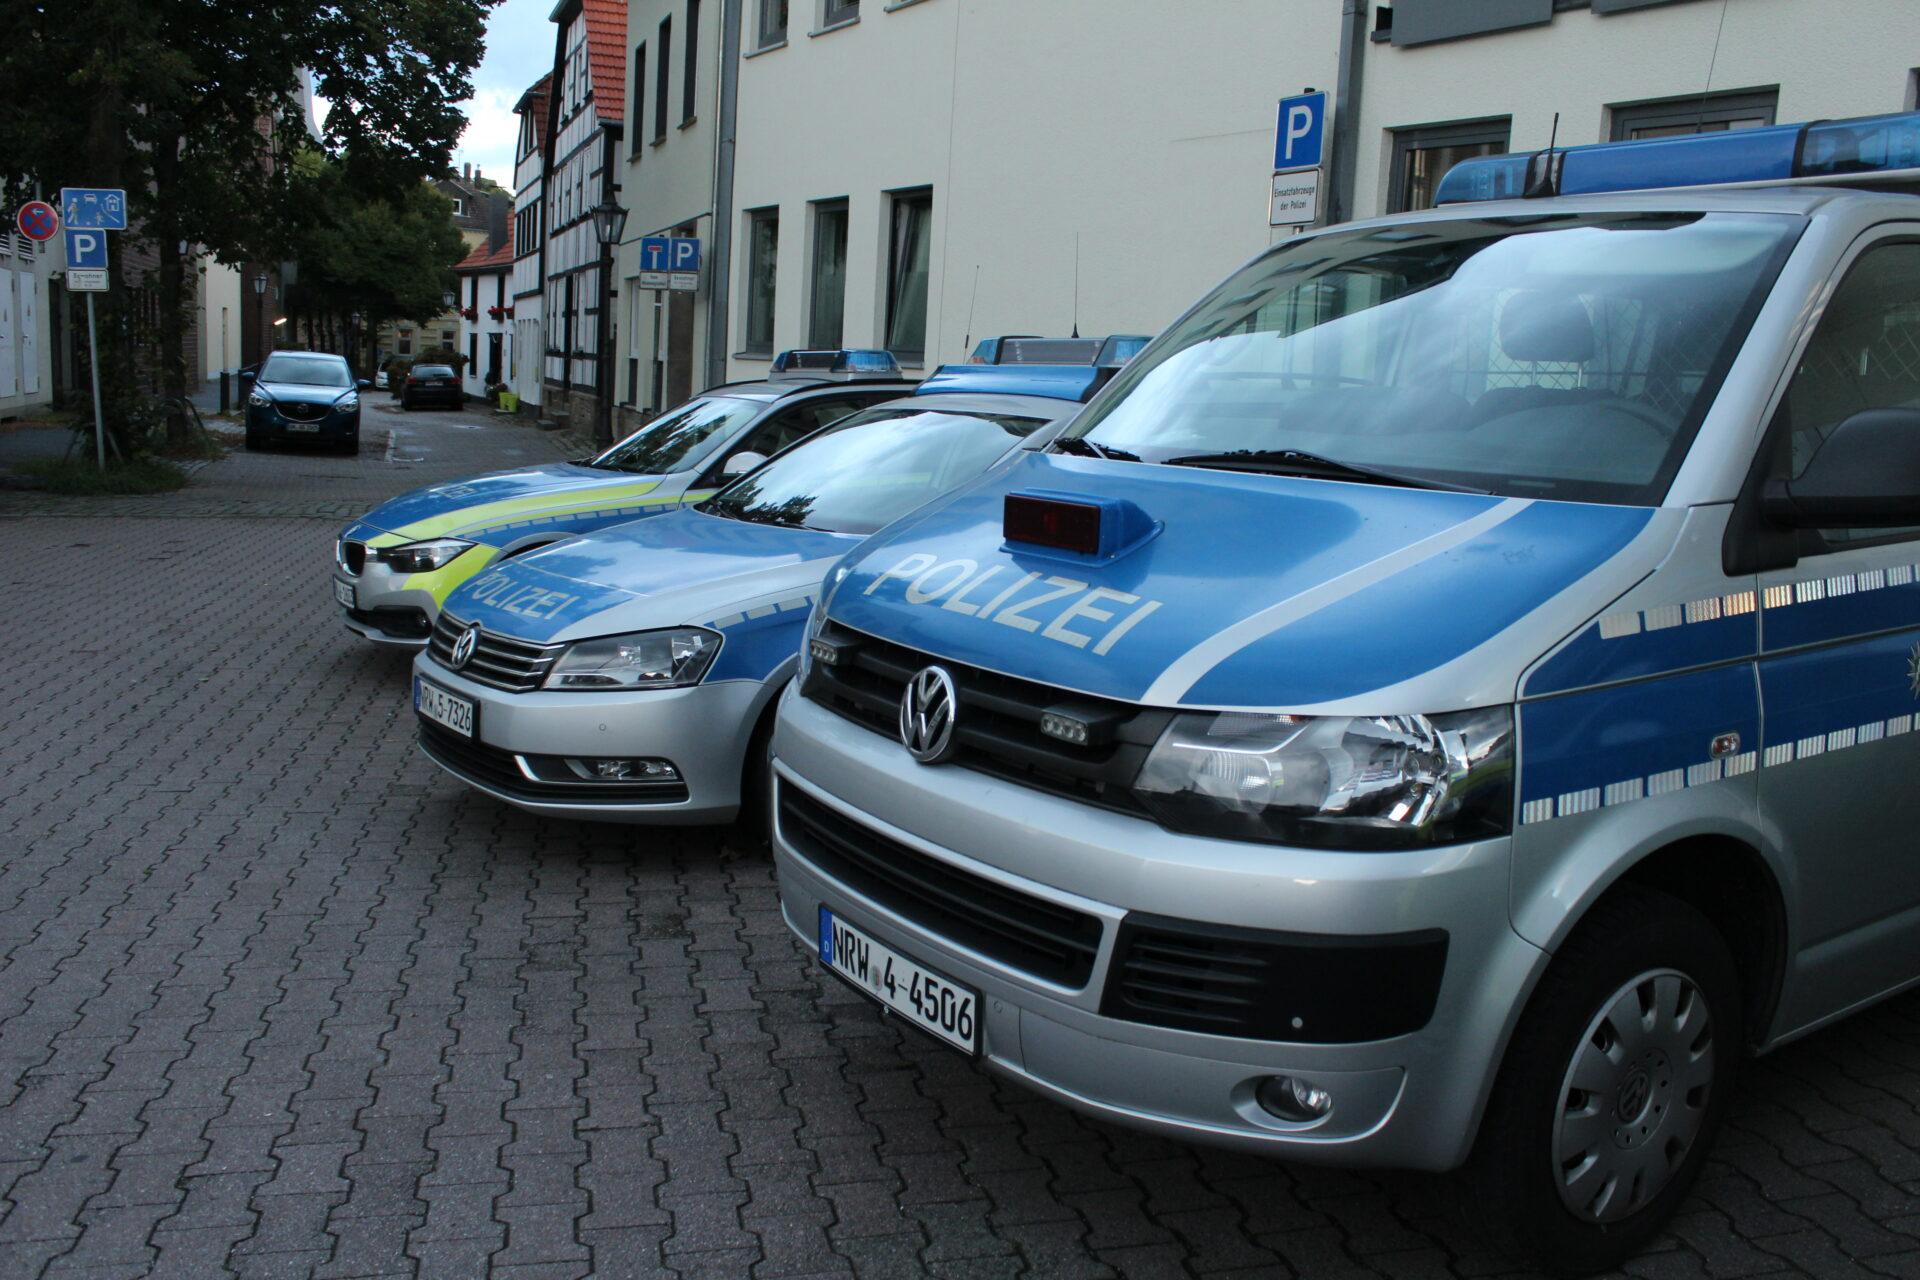 Polizei gibt weitere Details zu Auszieh-Raub bekannt